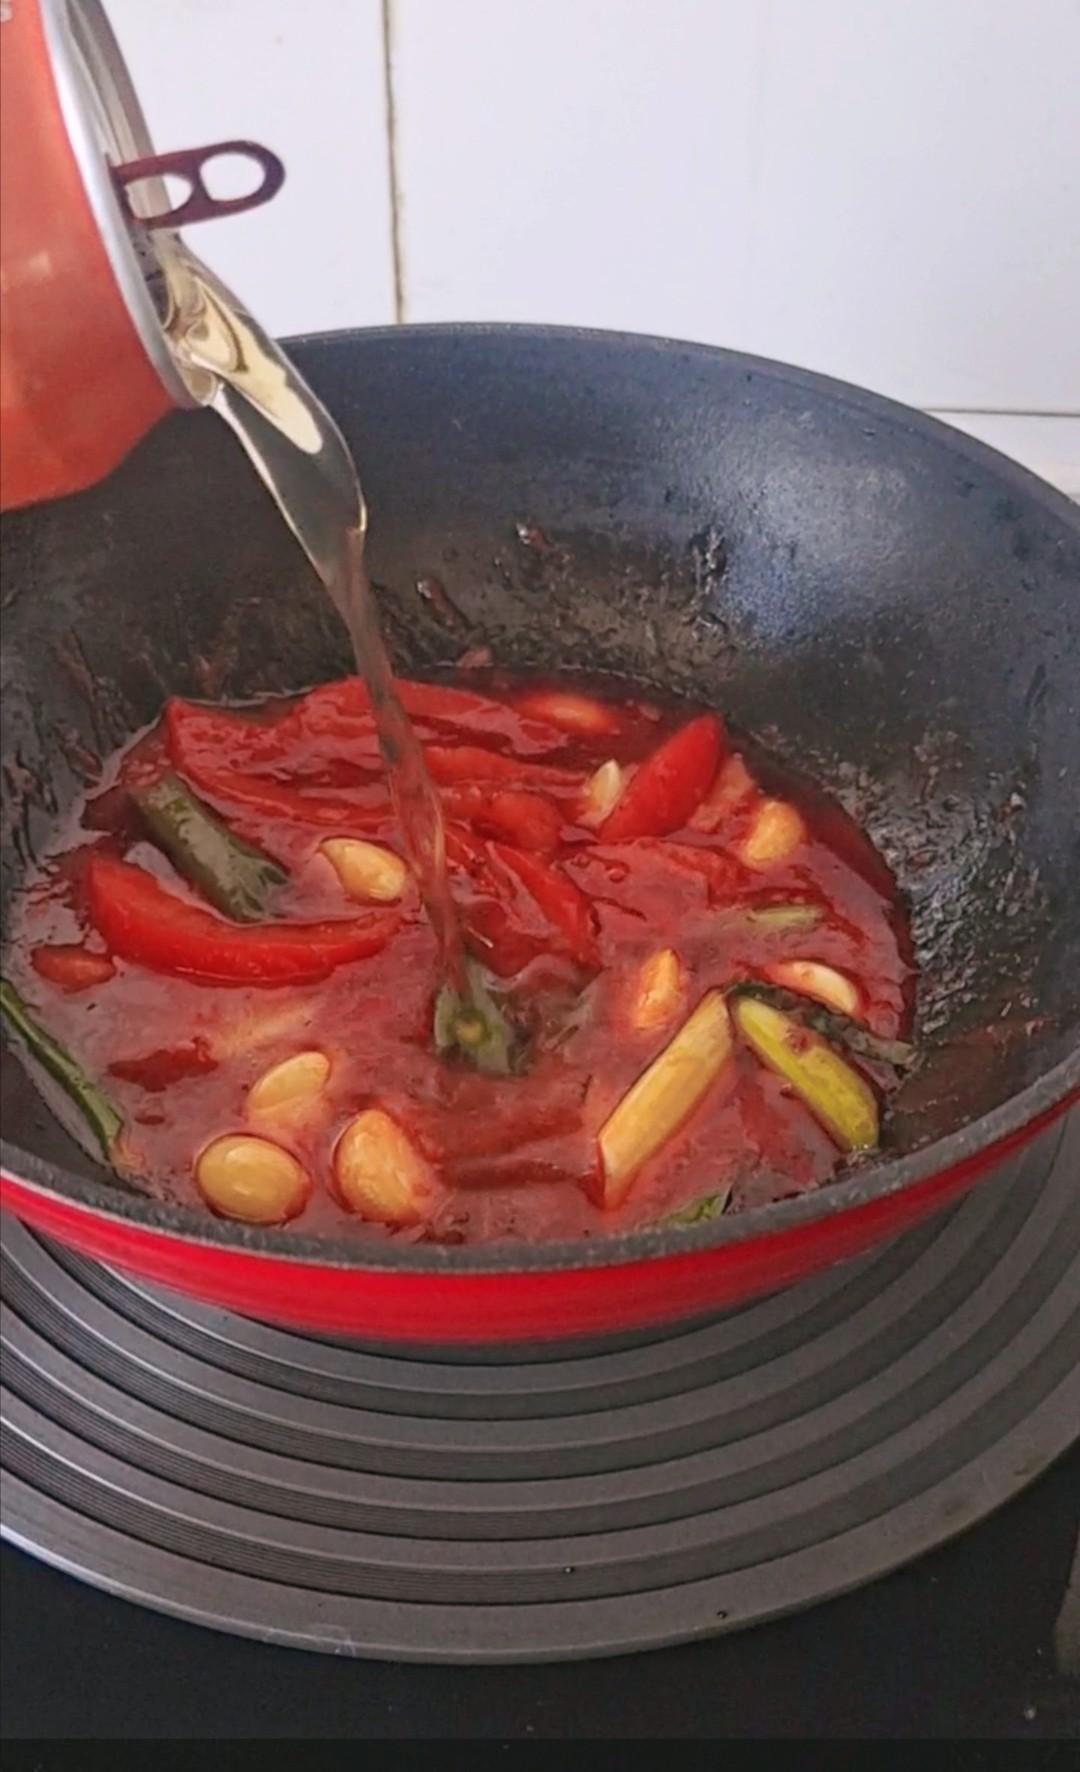 酸爽有滋味,这样一锅补钙又滋补~番茄豆腐鱼锅怎么炒